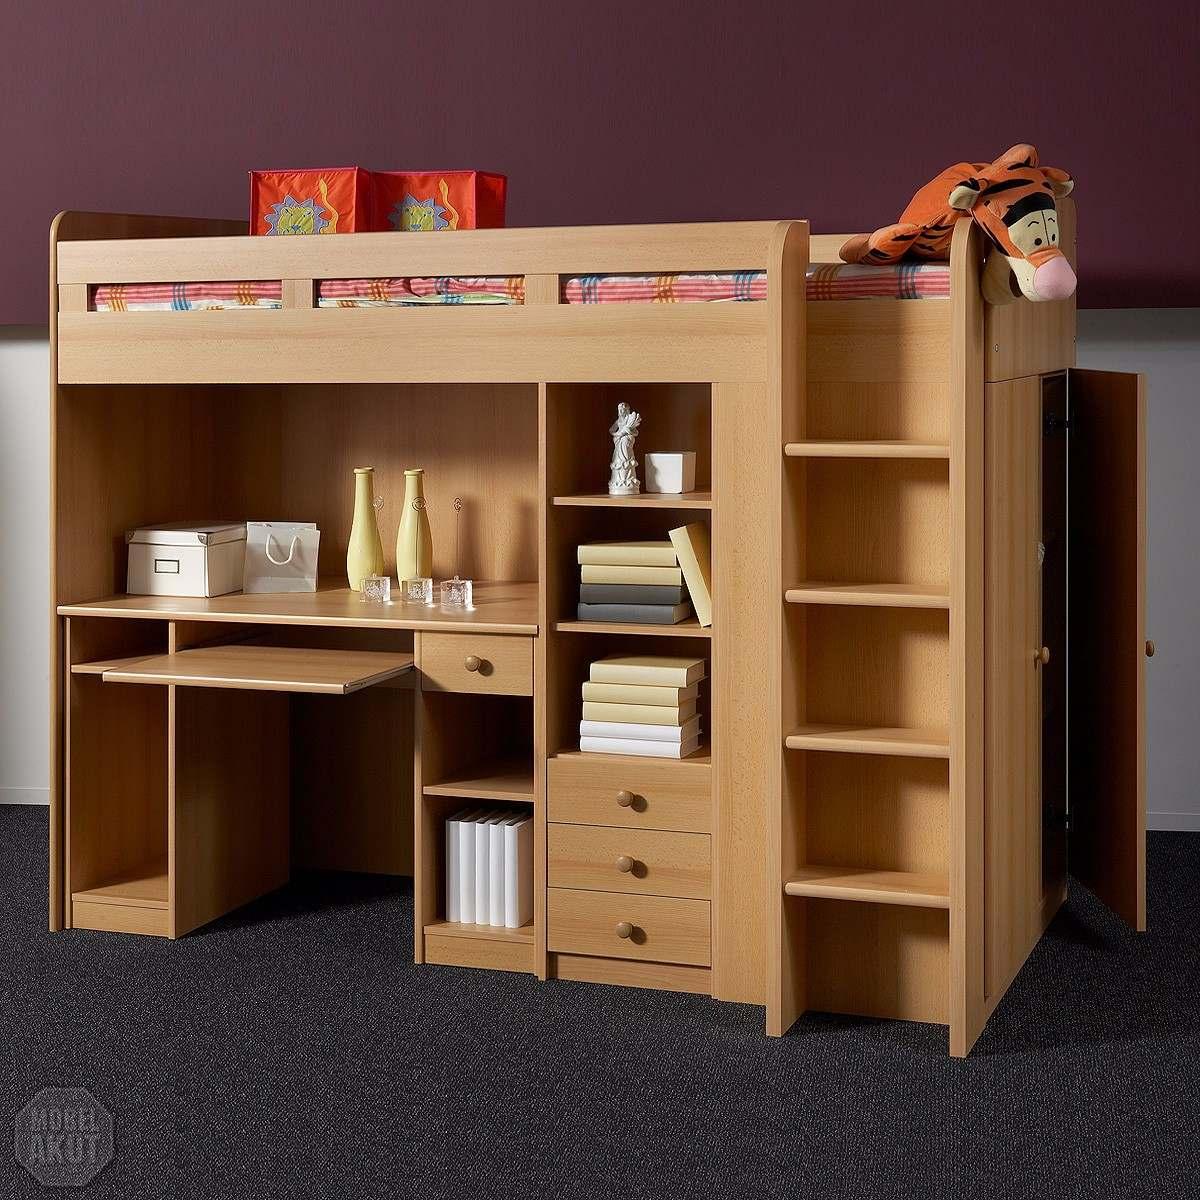 Cama con escritorio debajo cama y armario escritorio alta - Cama litera con escritorio debajo ...